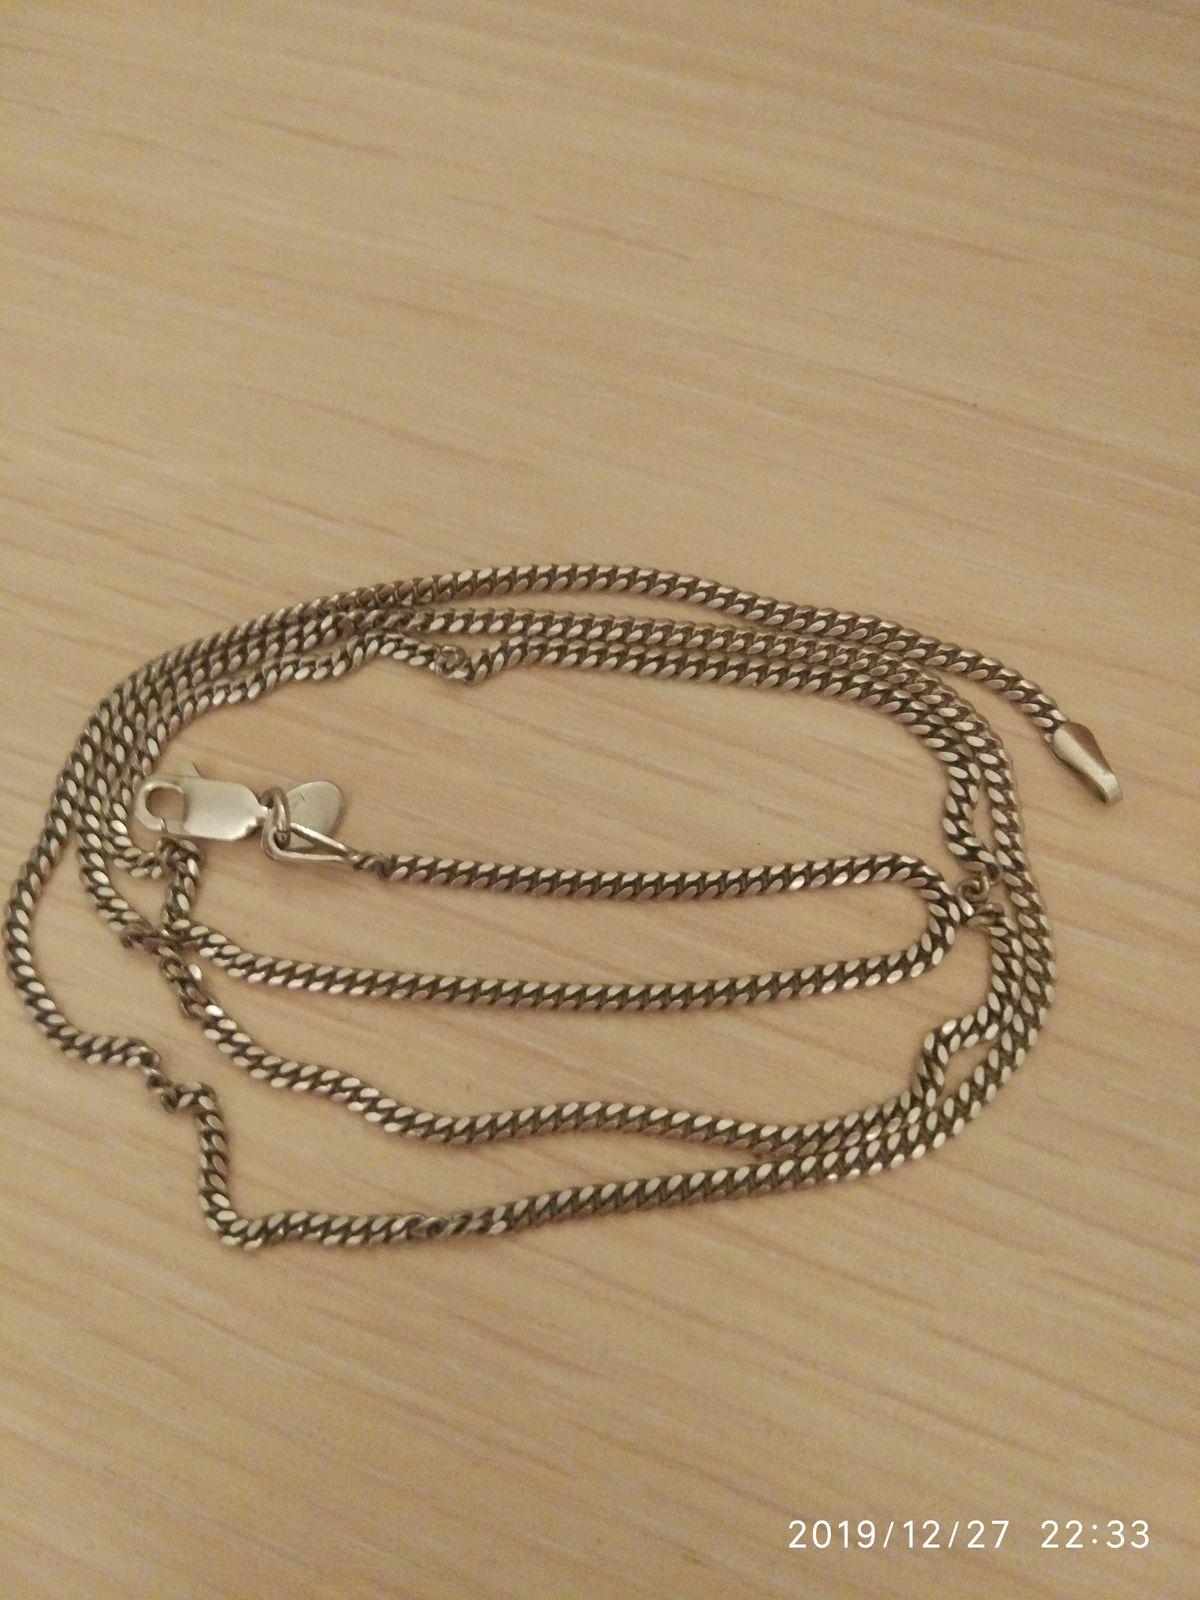 Цепочка, серебро 925, Италия